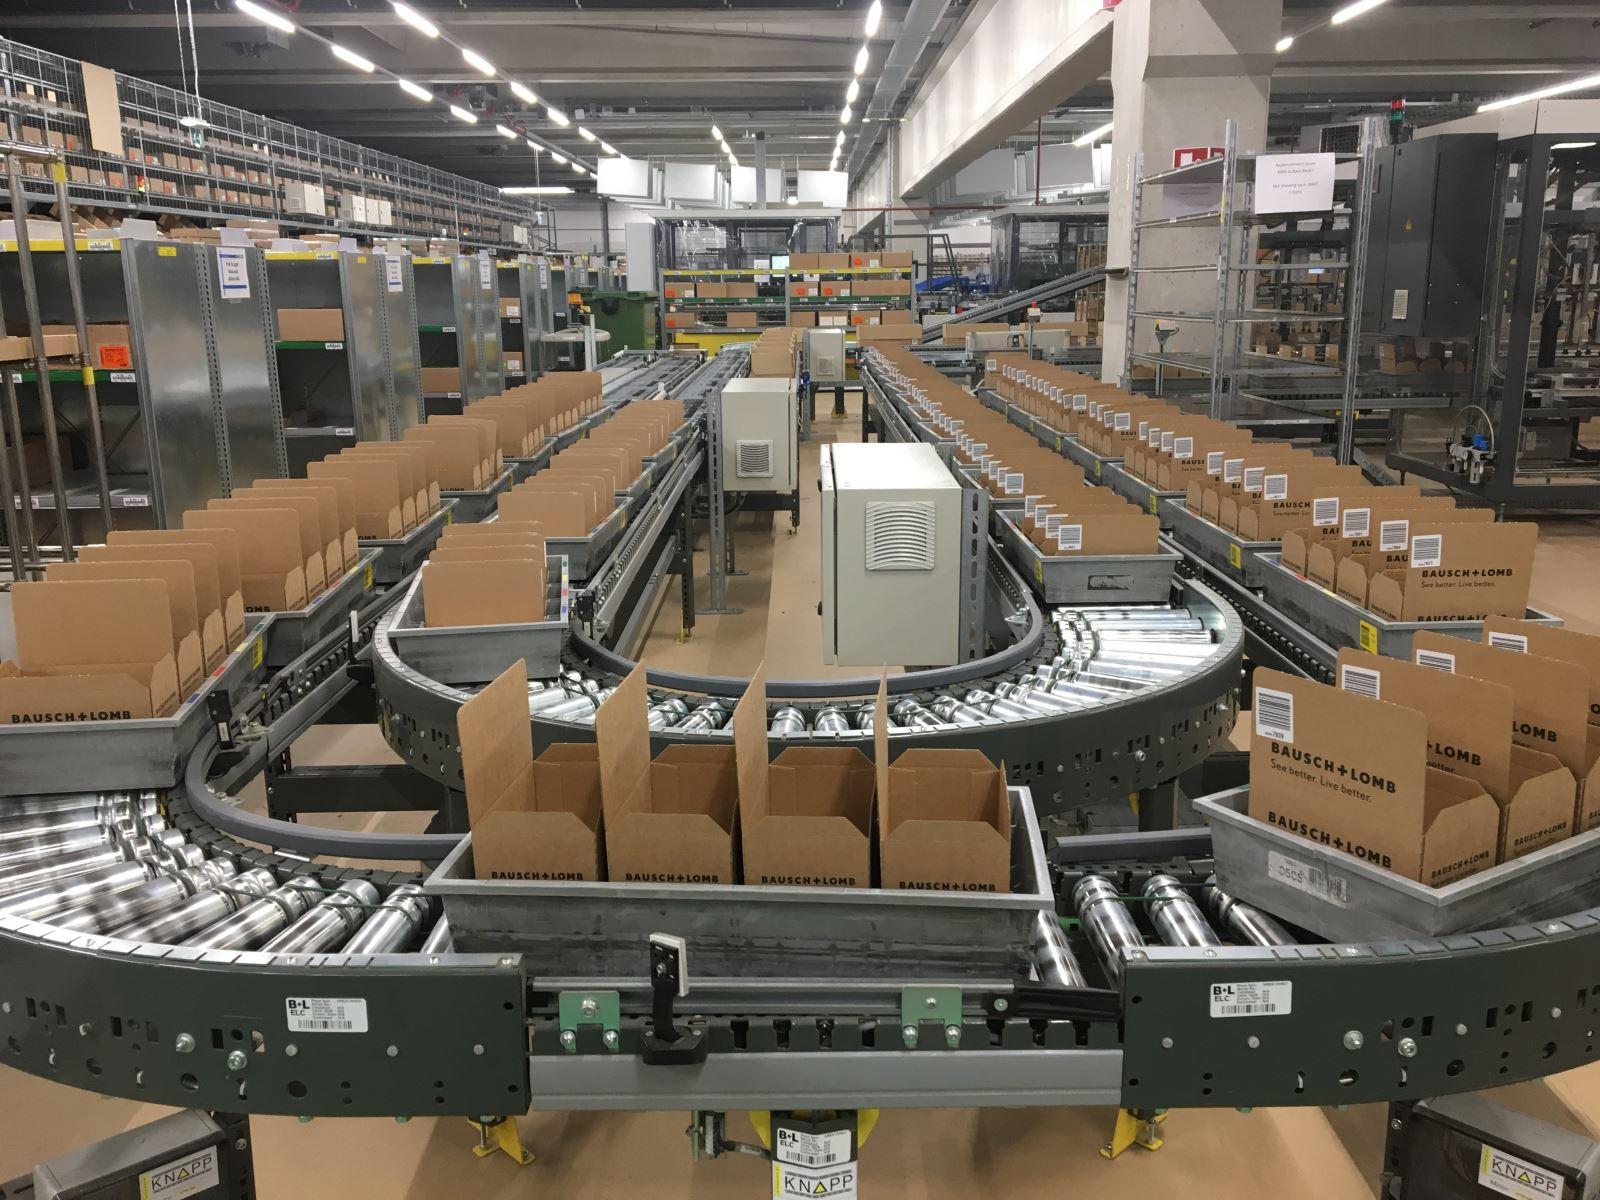 Bausch Health warehouse